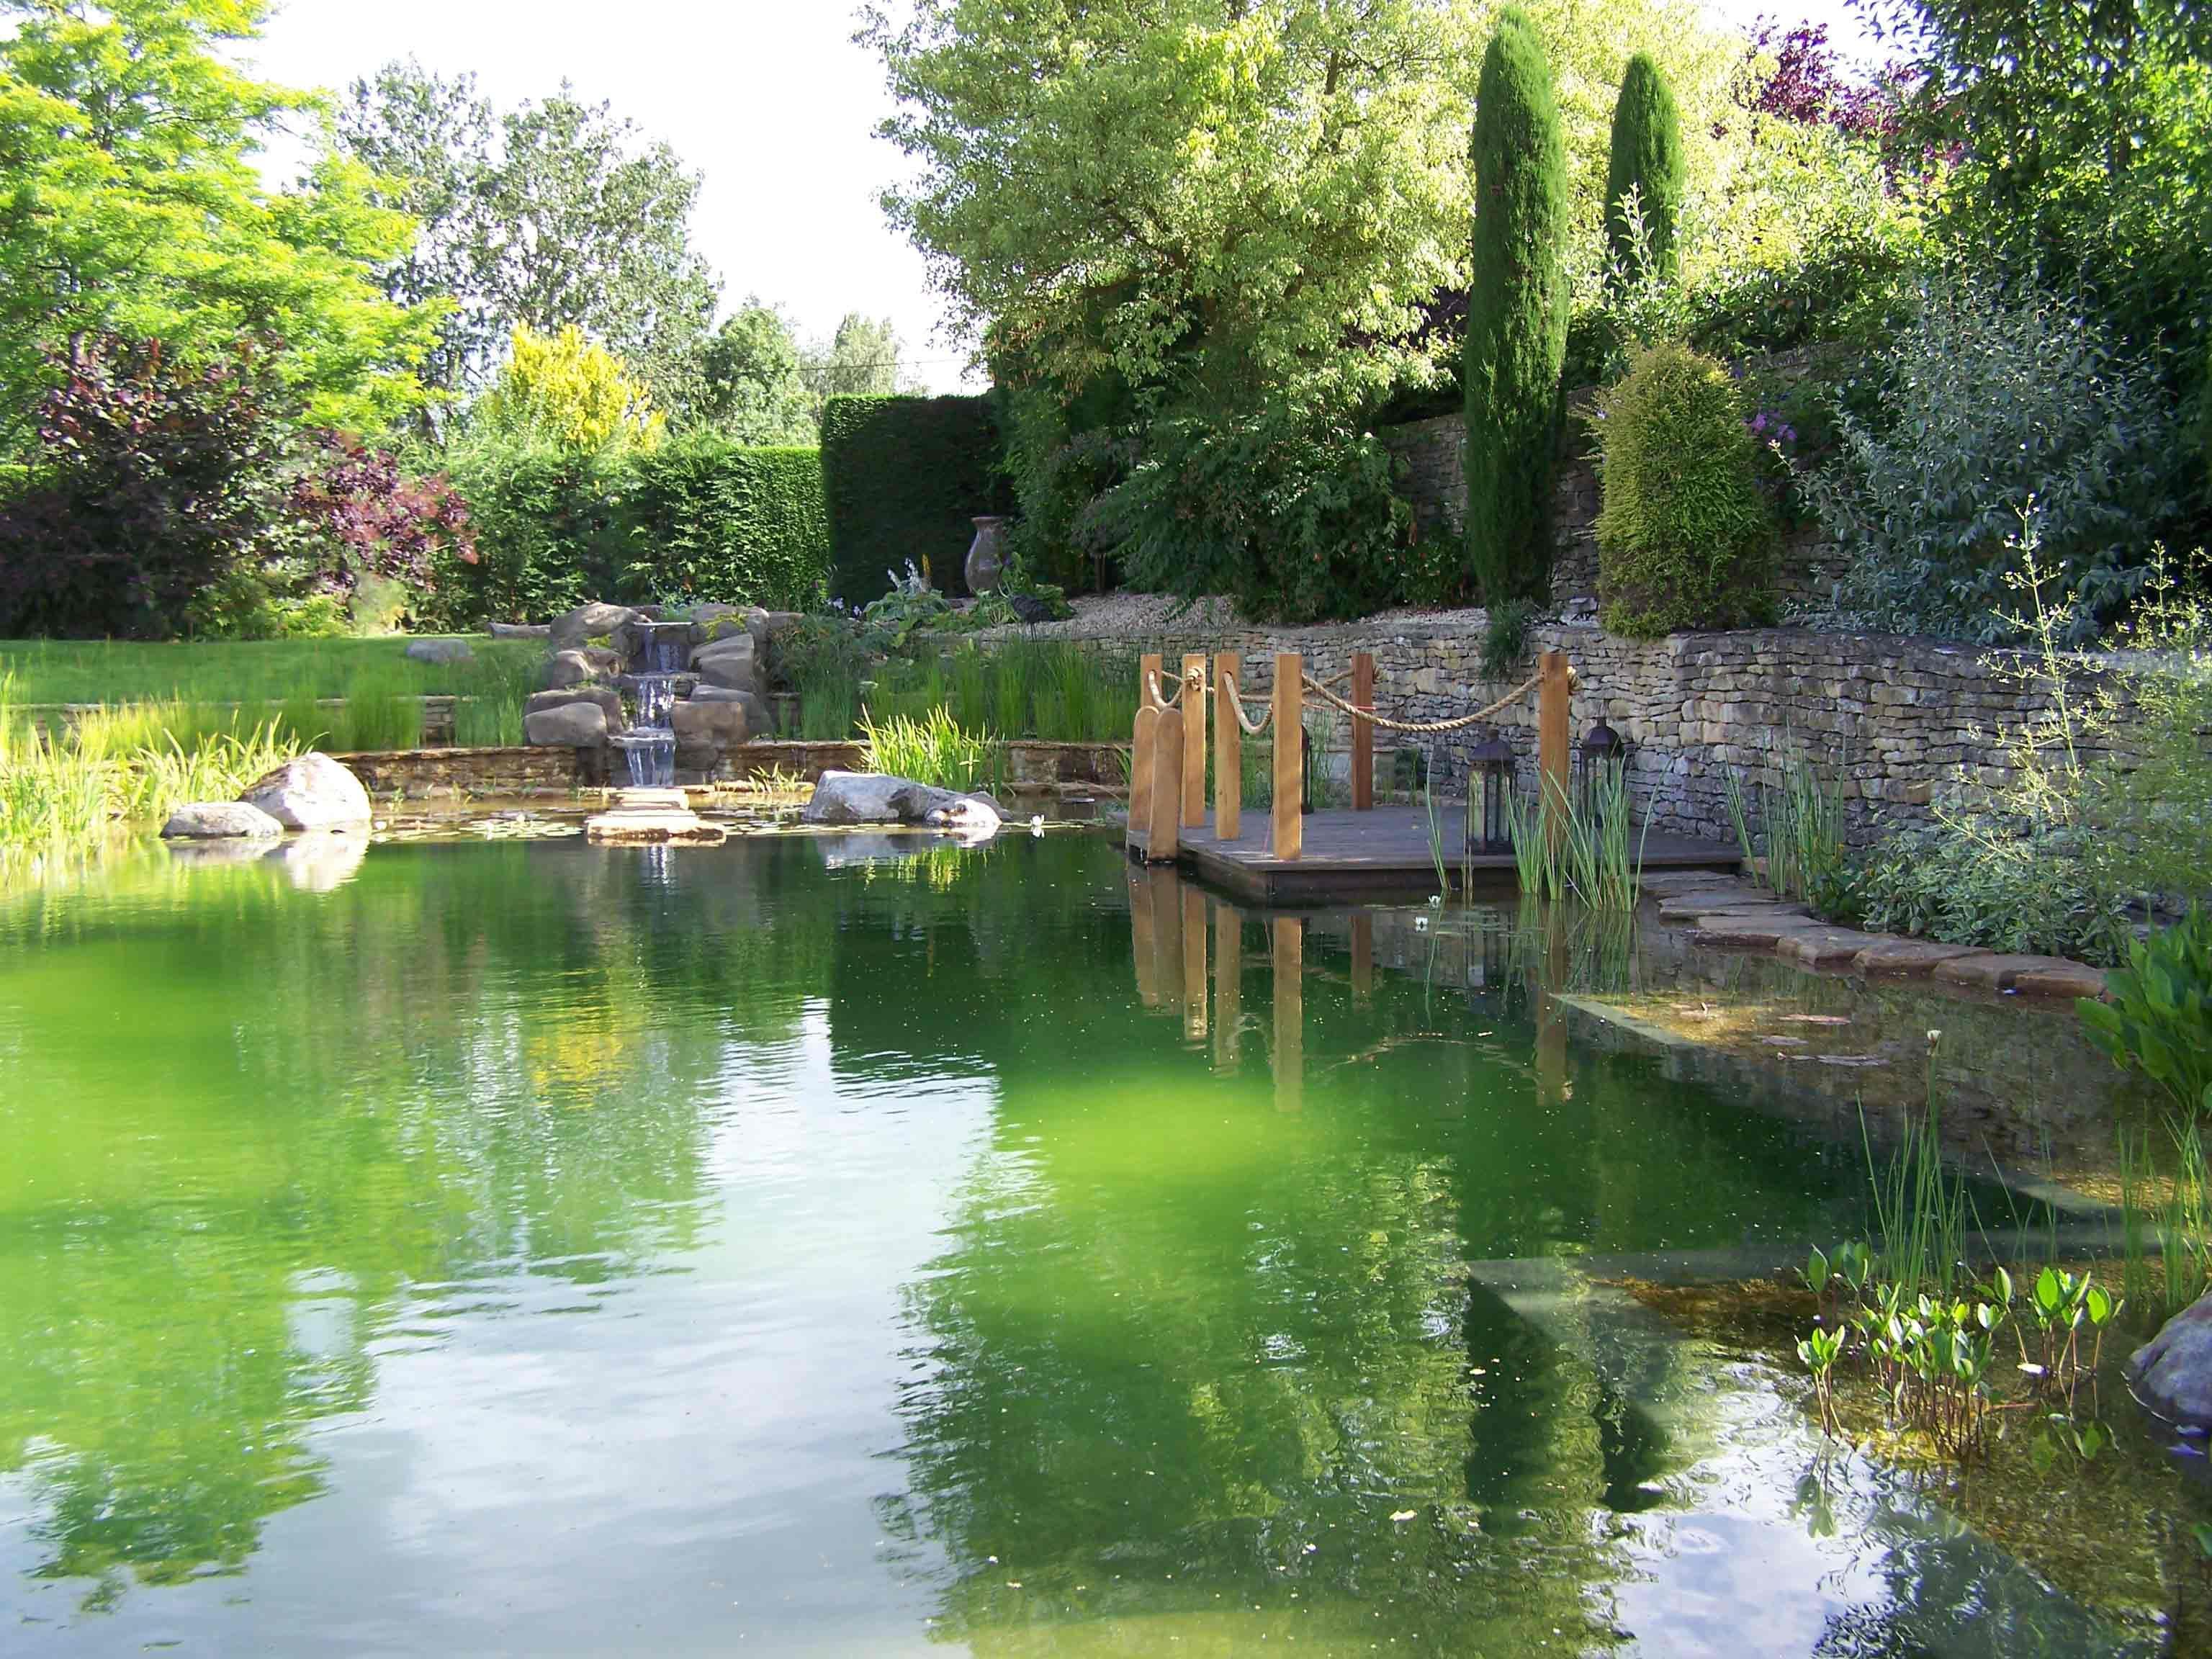 Natural pools buscar con google piscinas naturales for Natural garden pond design